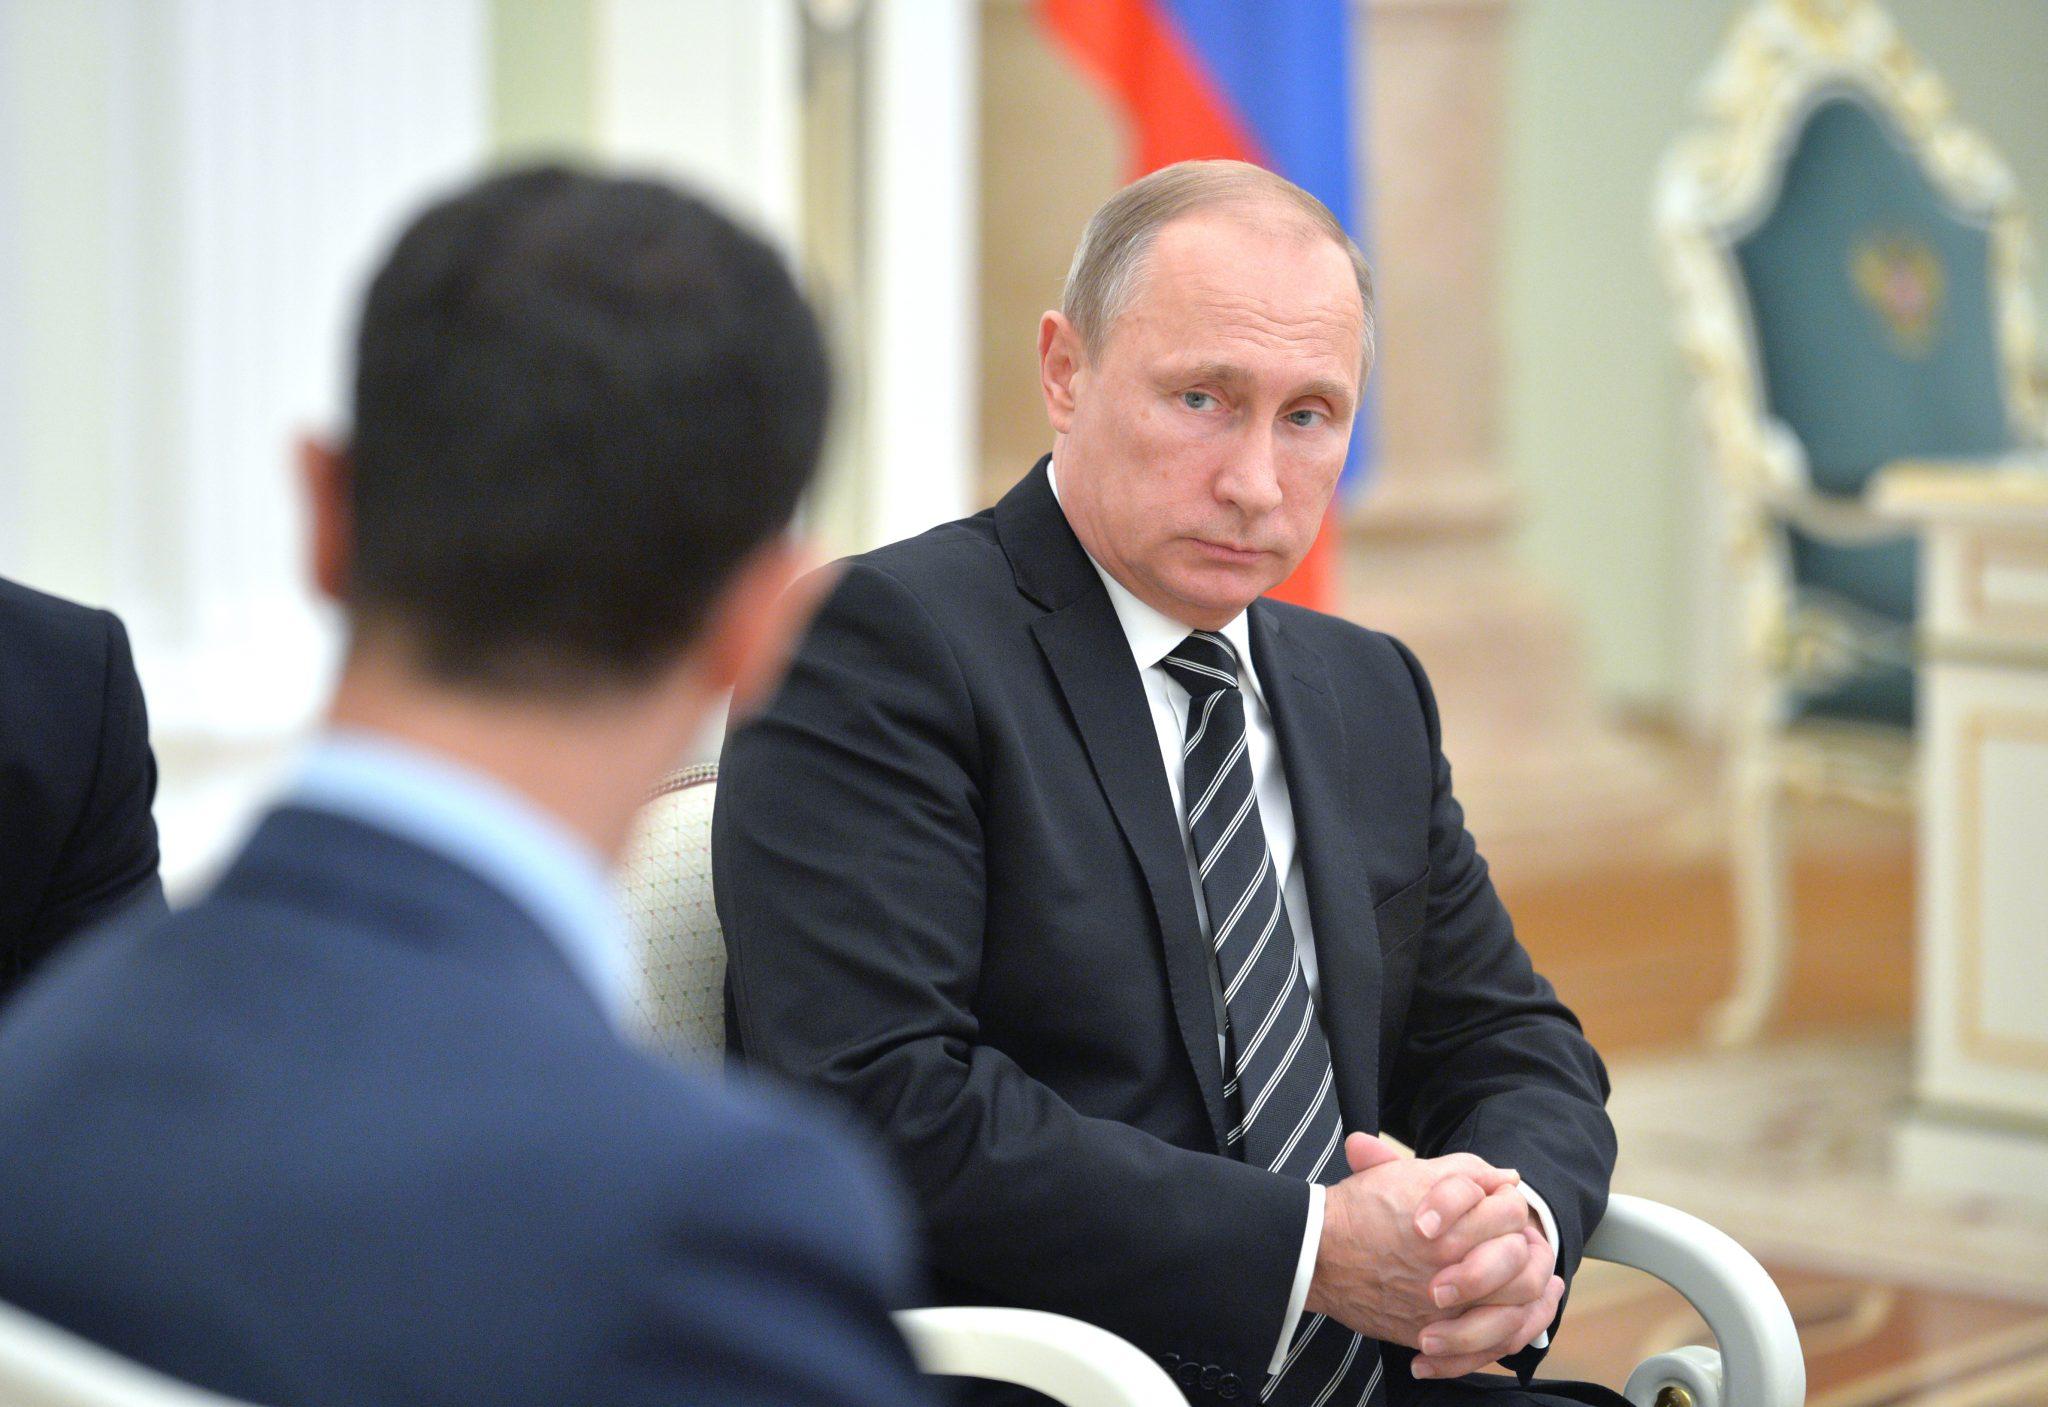 صورة الرئاسة الروسية: الأسد سيستقيل من منصبه.. ولكن!